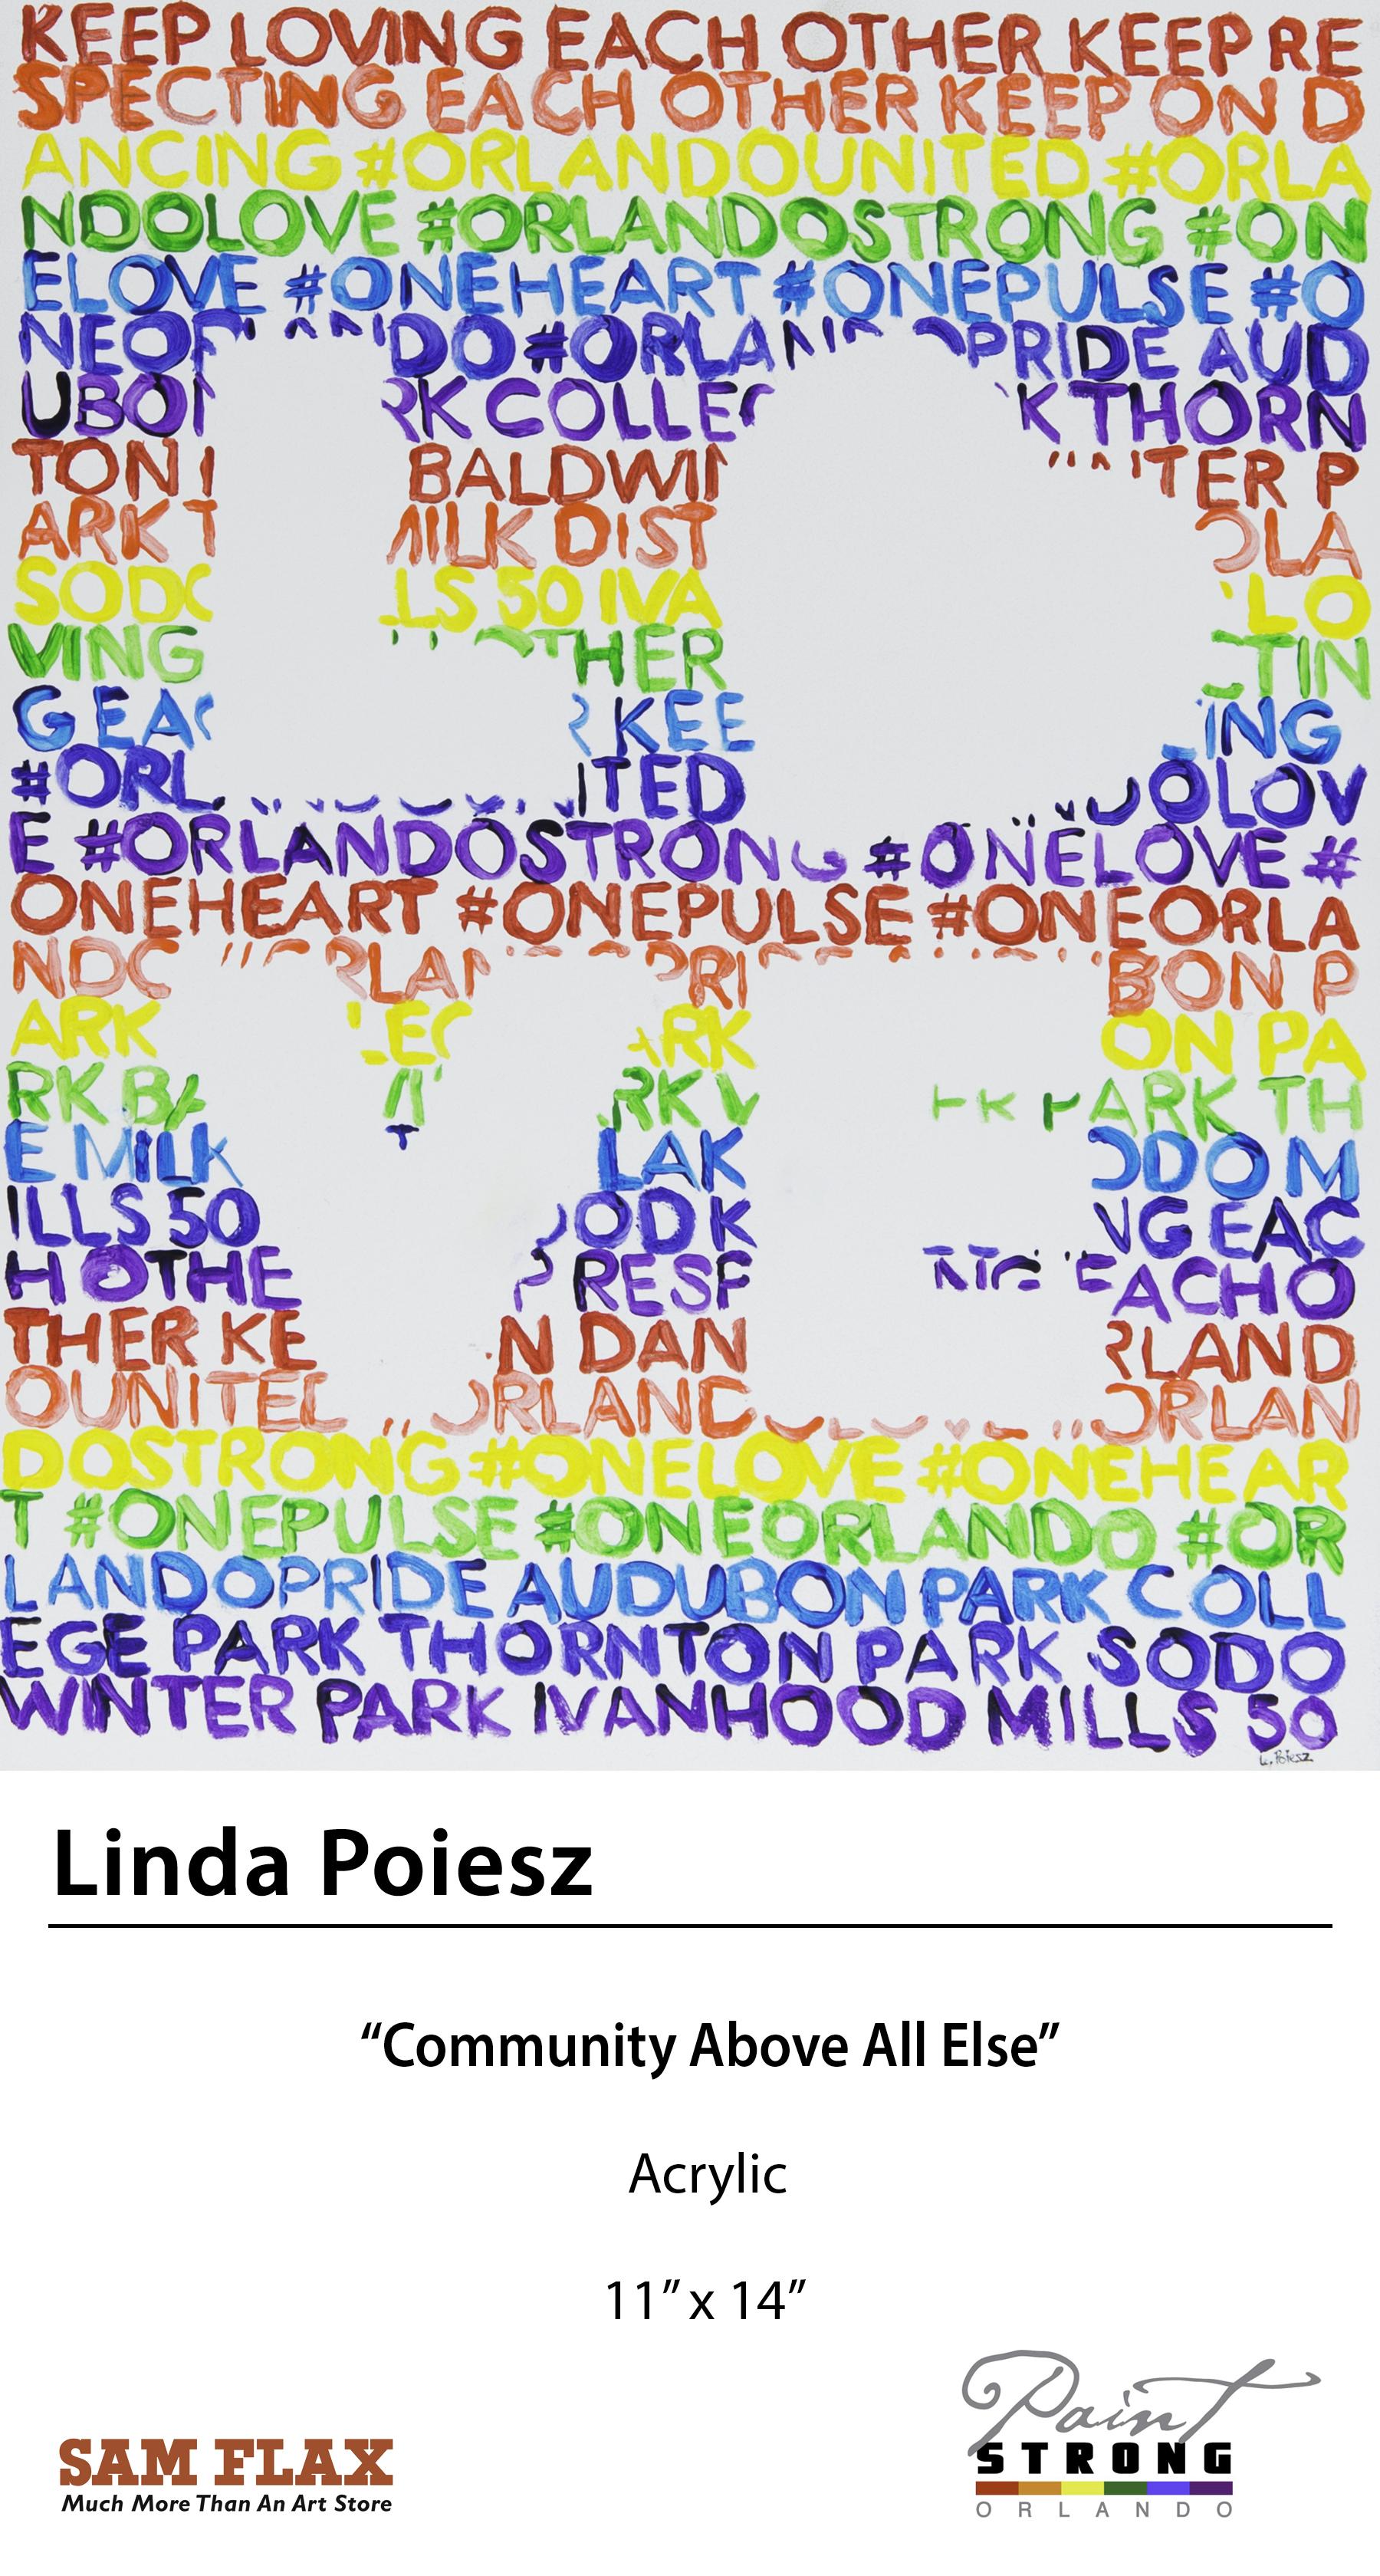 Linda Poiesz